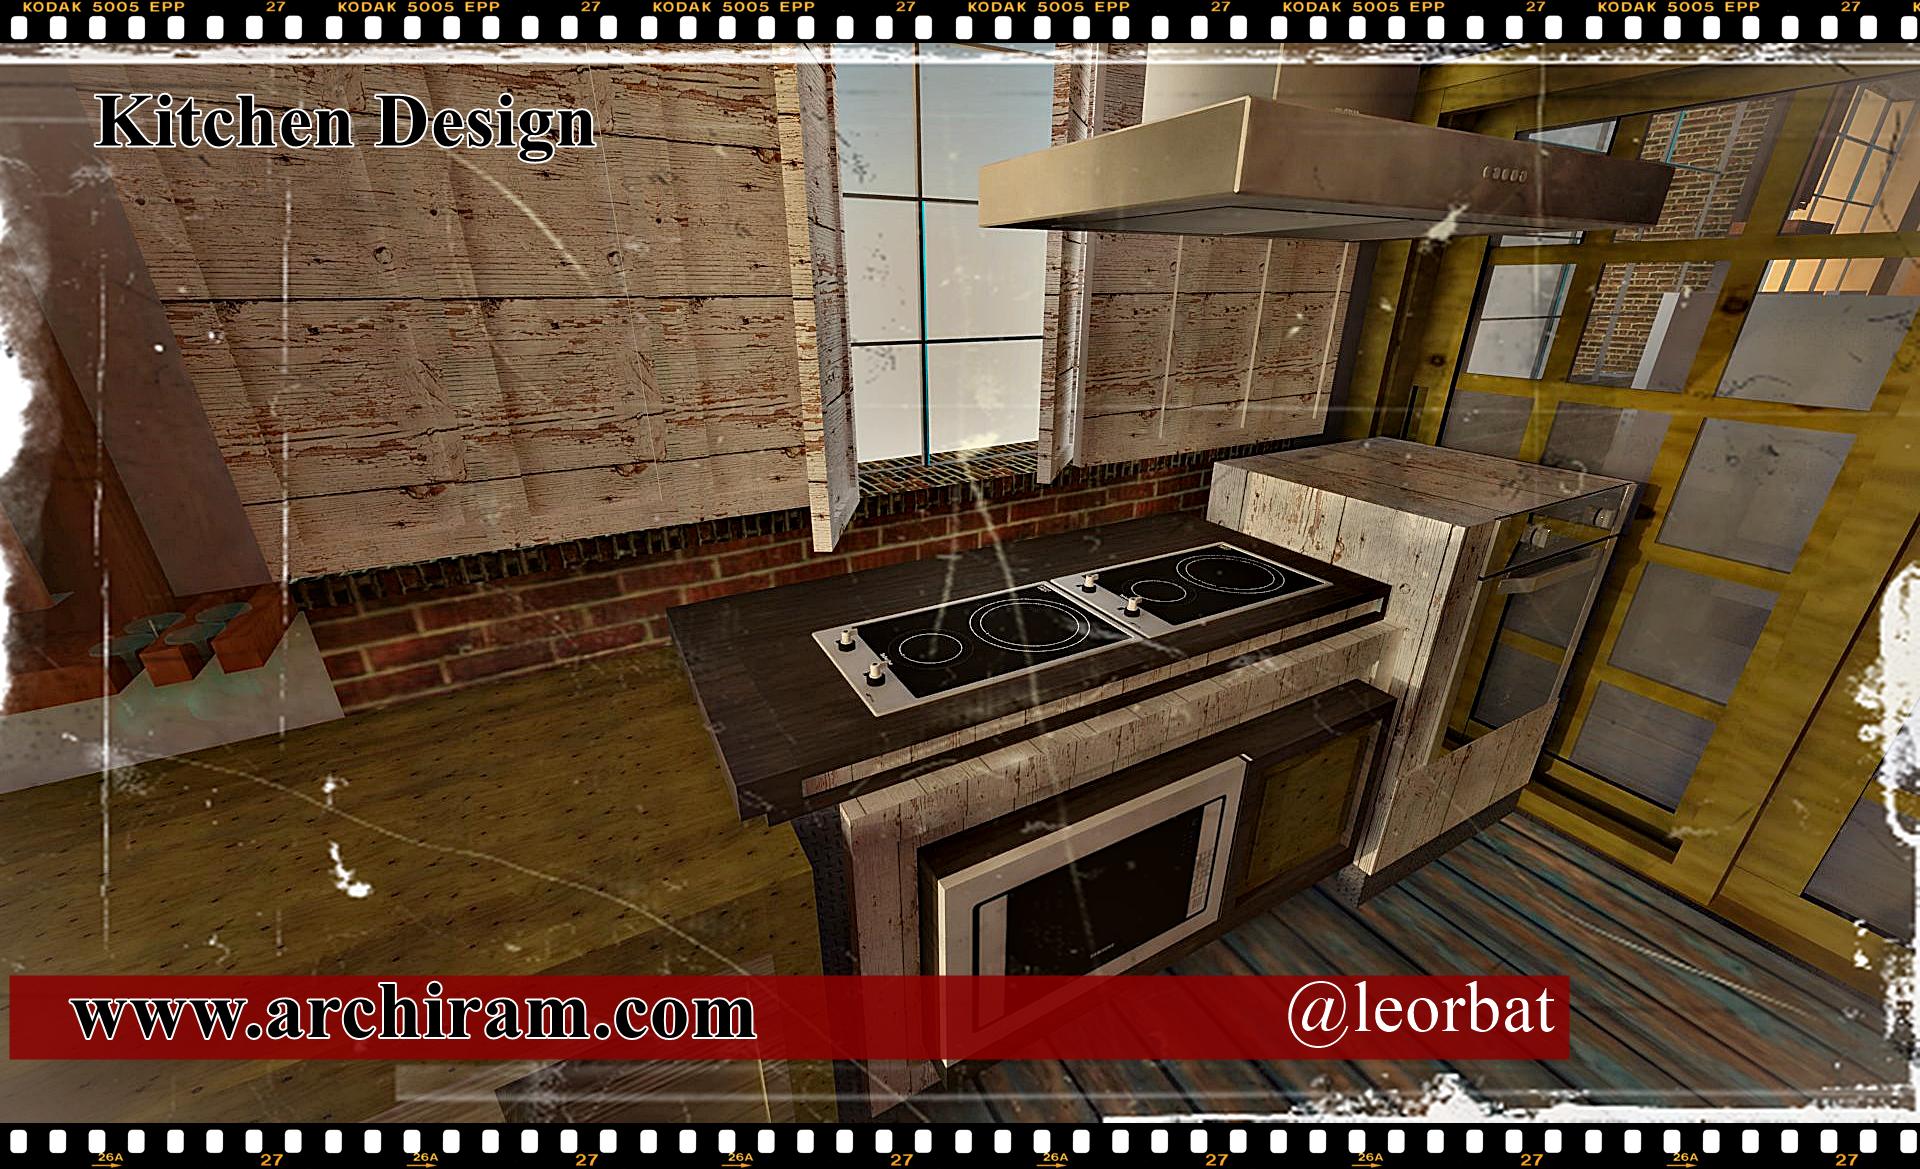 Cucina moderna con moduli cottura ad induzione